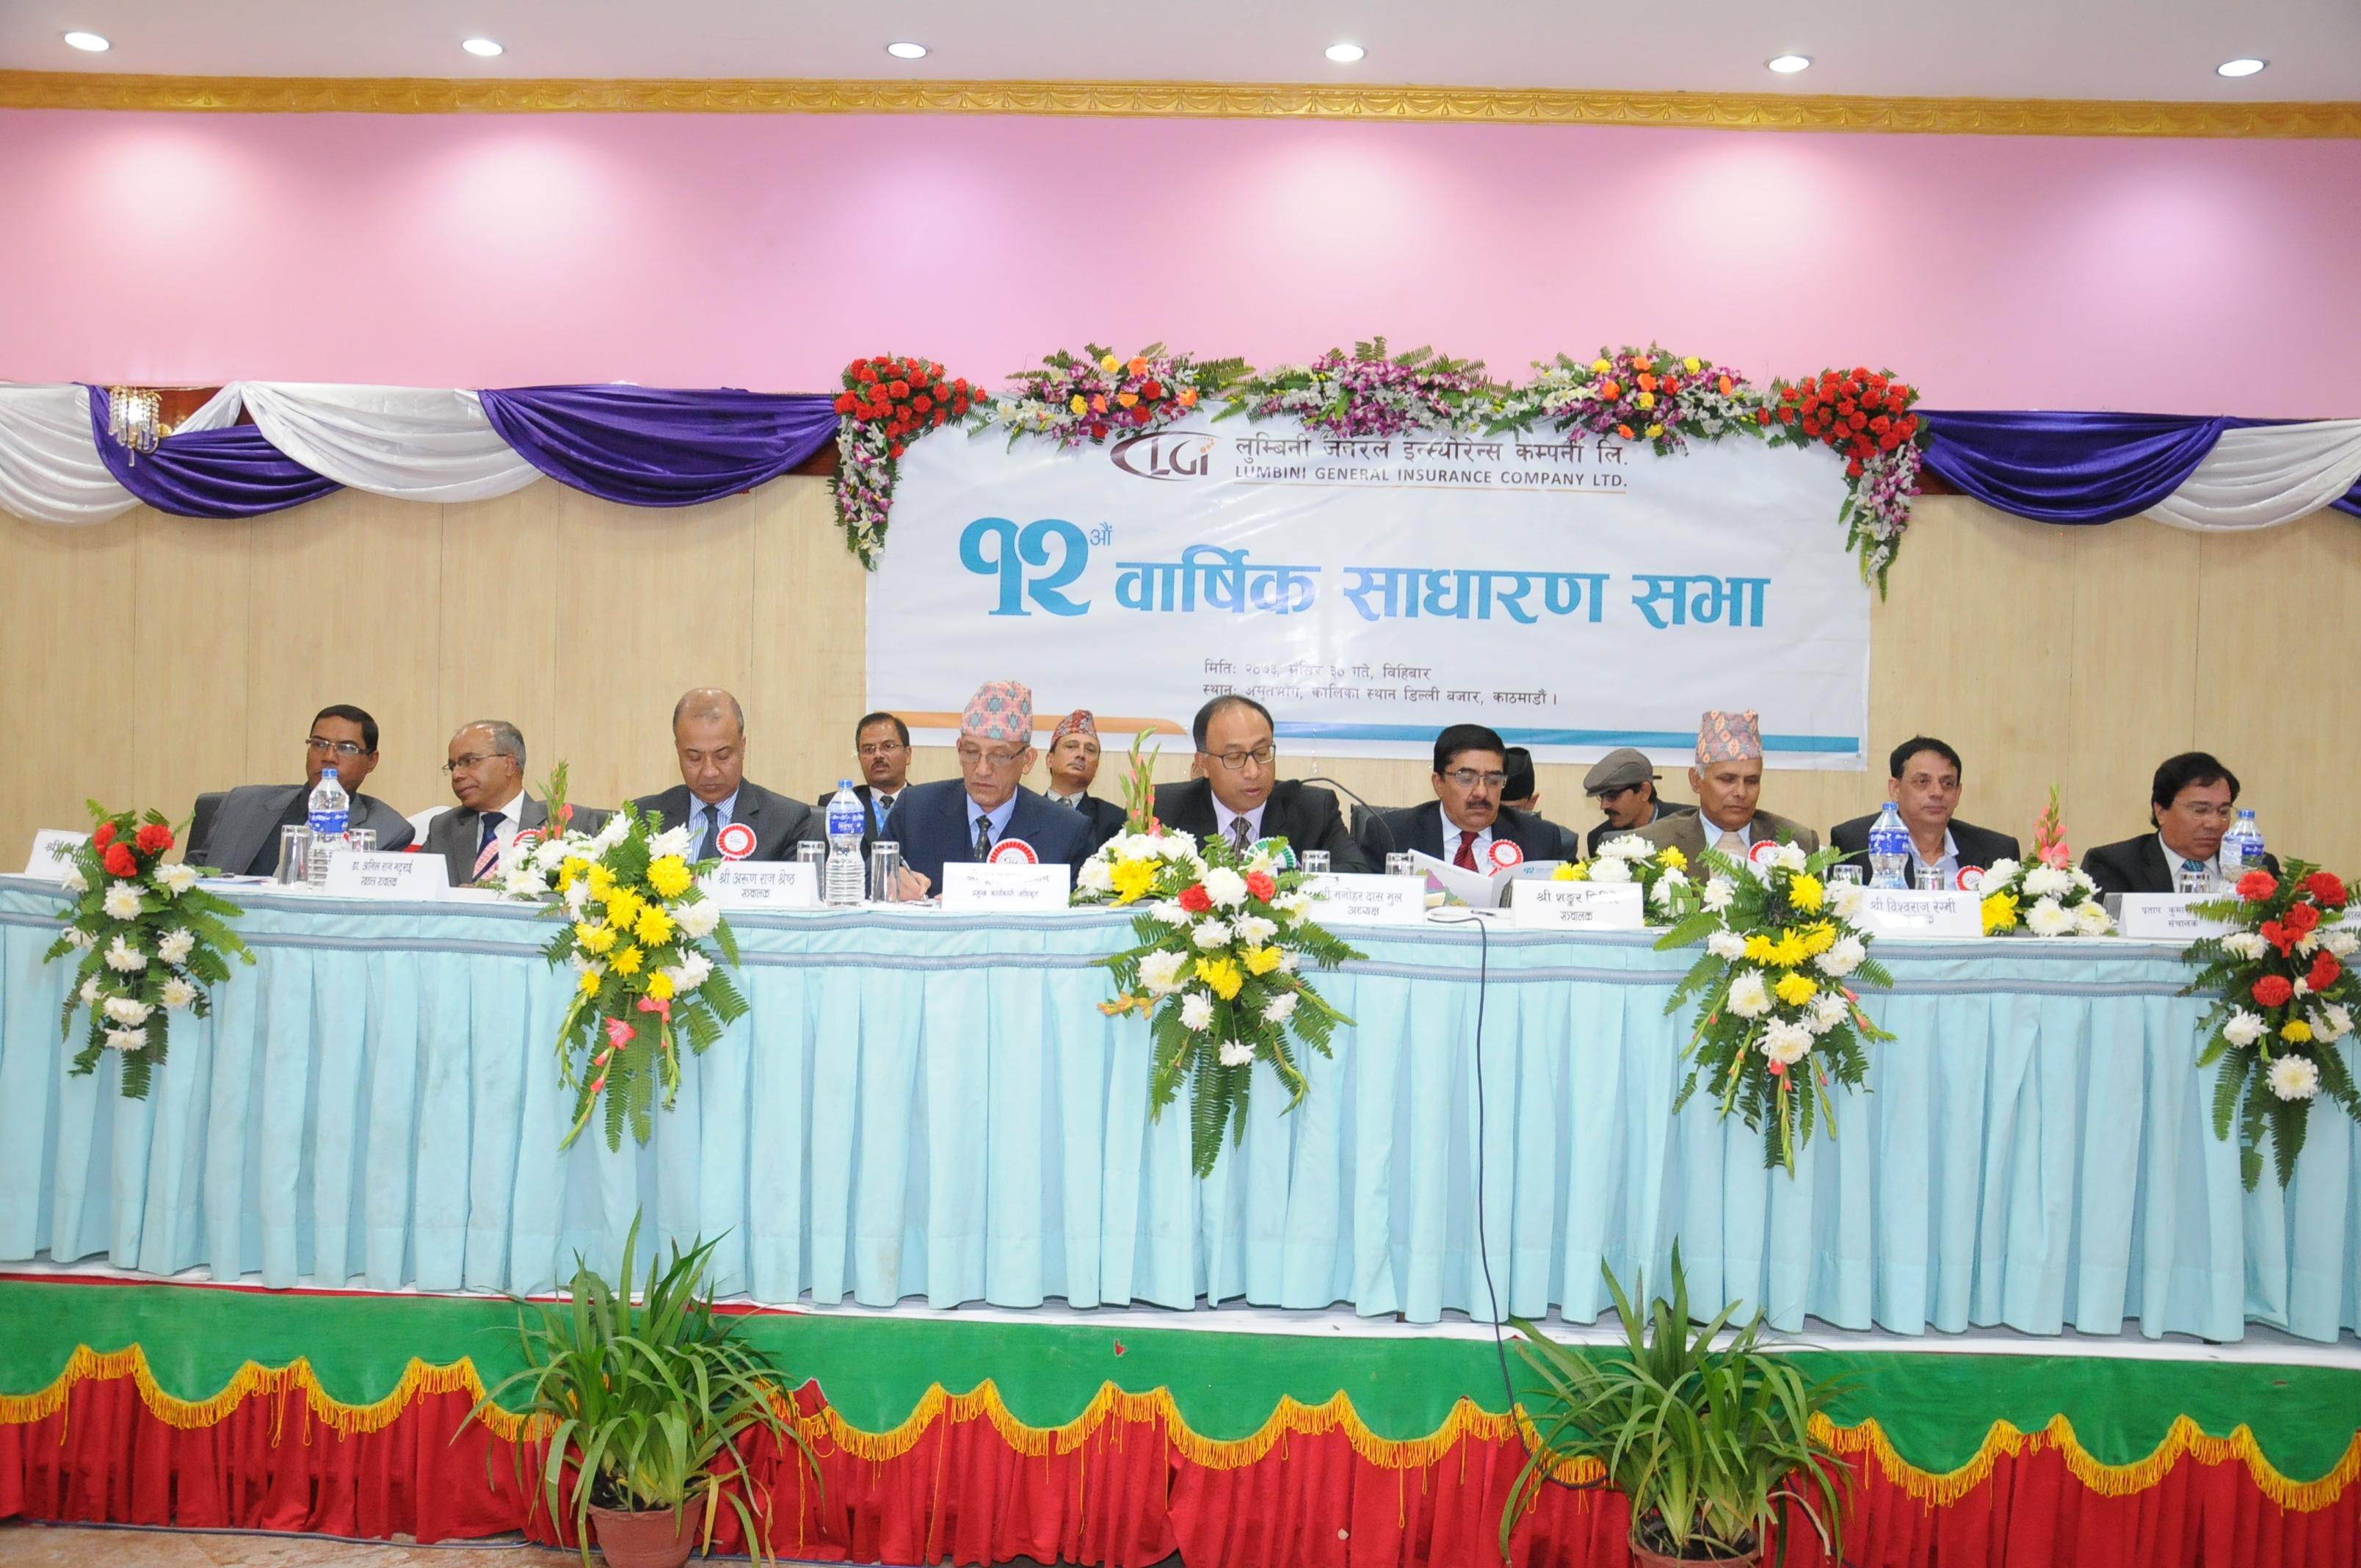 लुम्बिनी जनरल इन्स्योरेन्सद्धारा शेयरधनीहरुलाई १८.१८ प्रतिशत बोनस